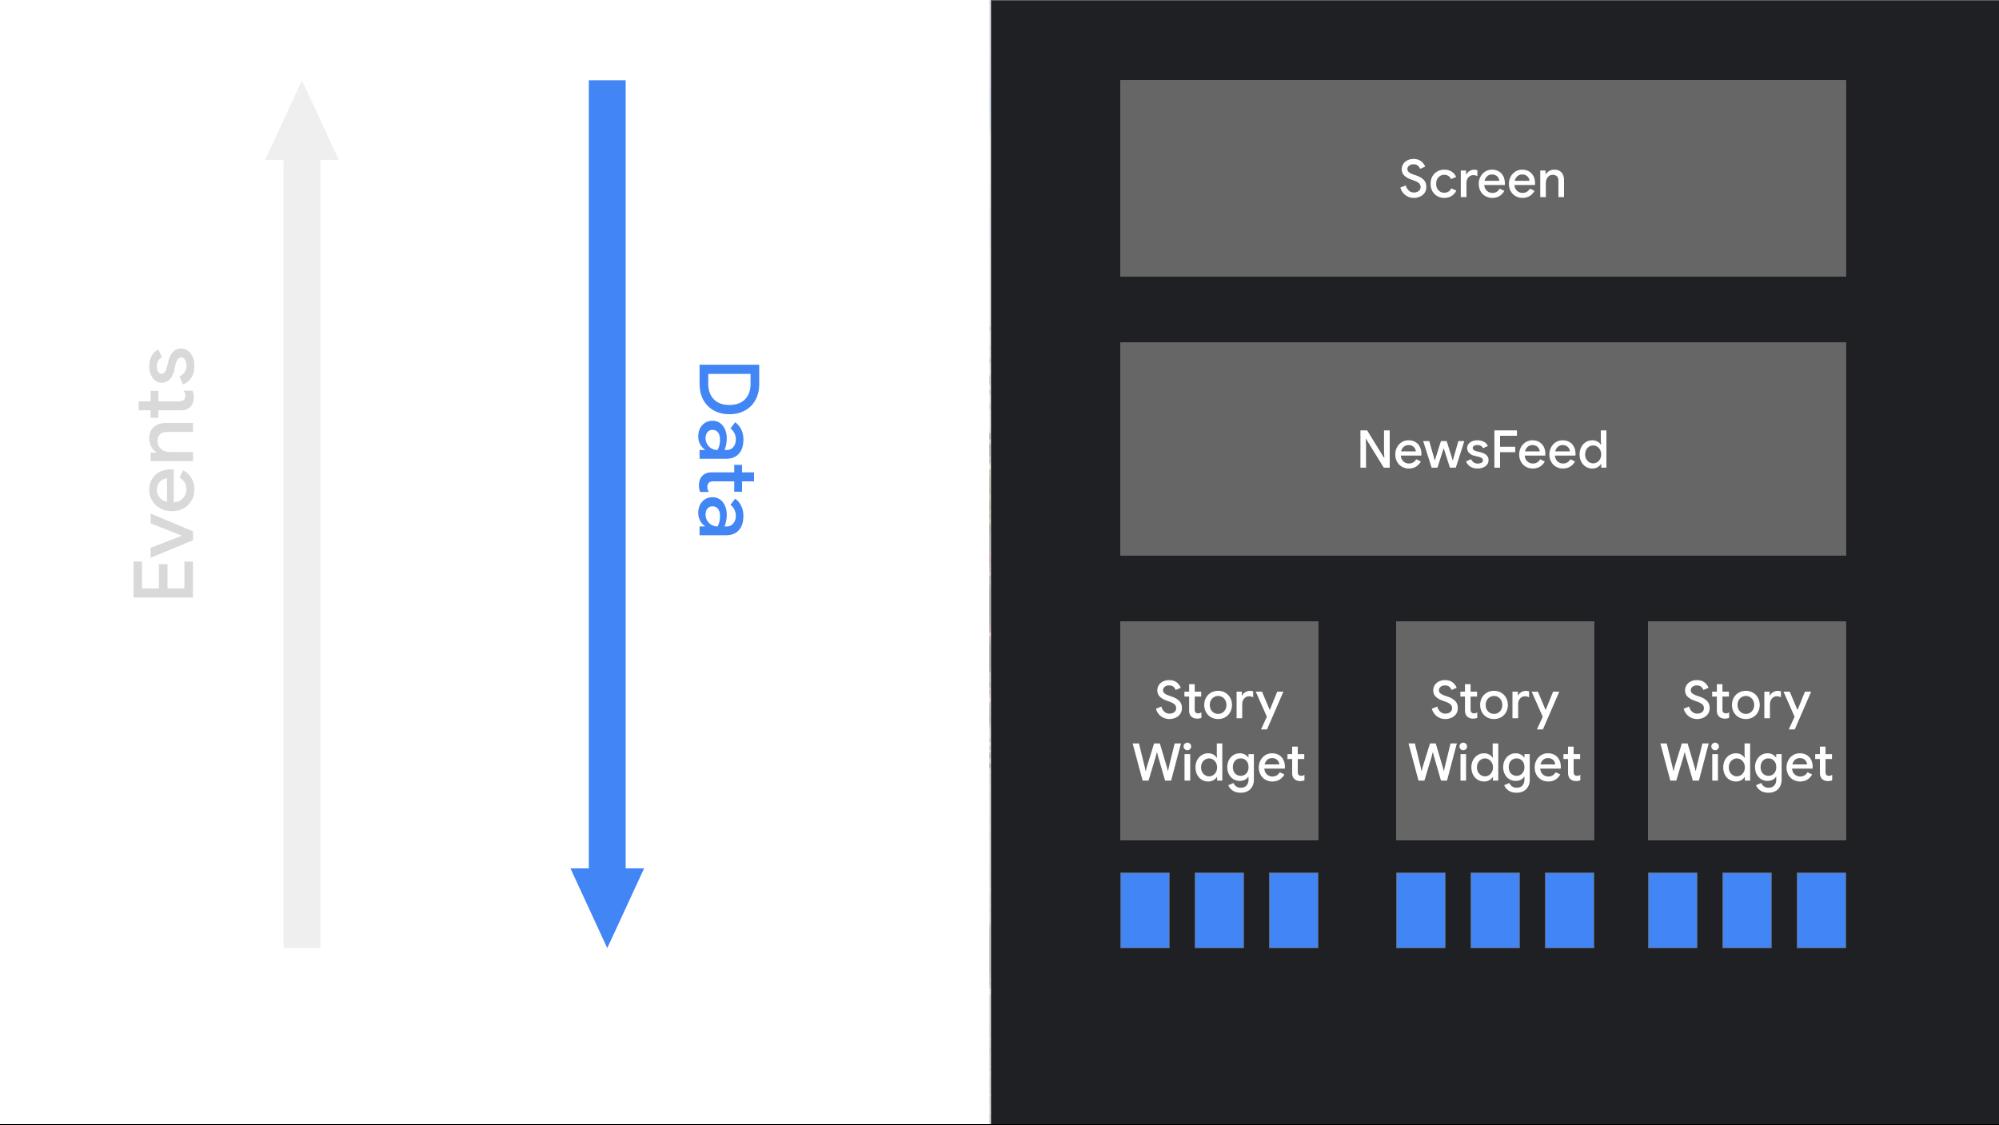 상위 수준 객체부터 하위 요소까지 Compose UI의 데이터 흐름을 보여주는 그림